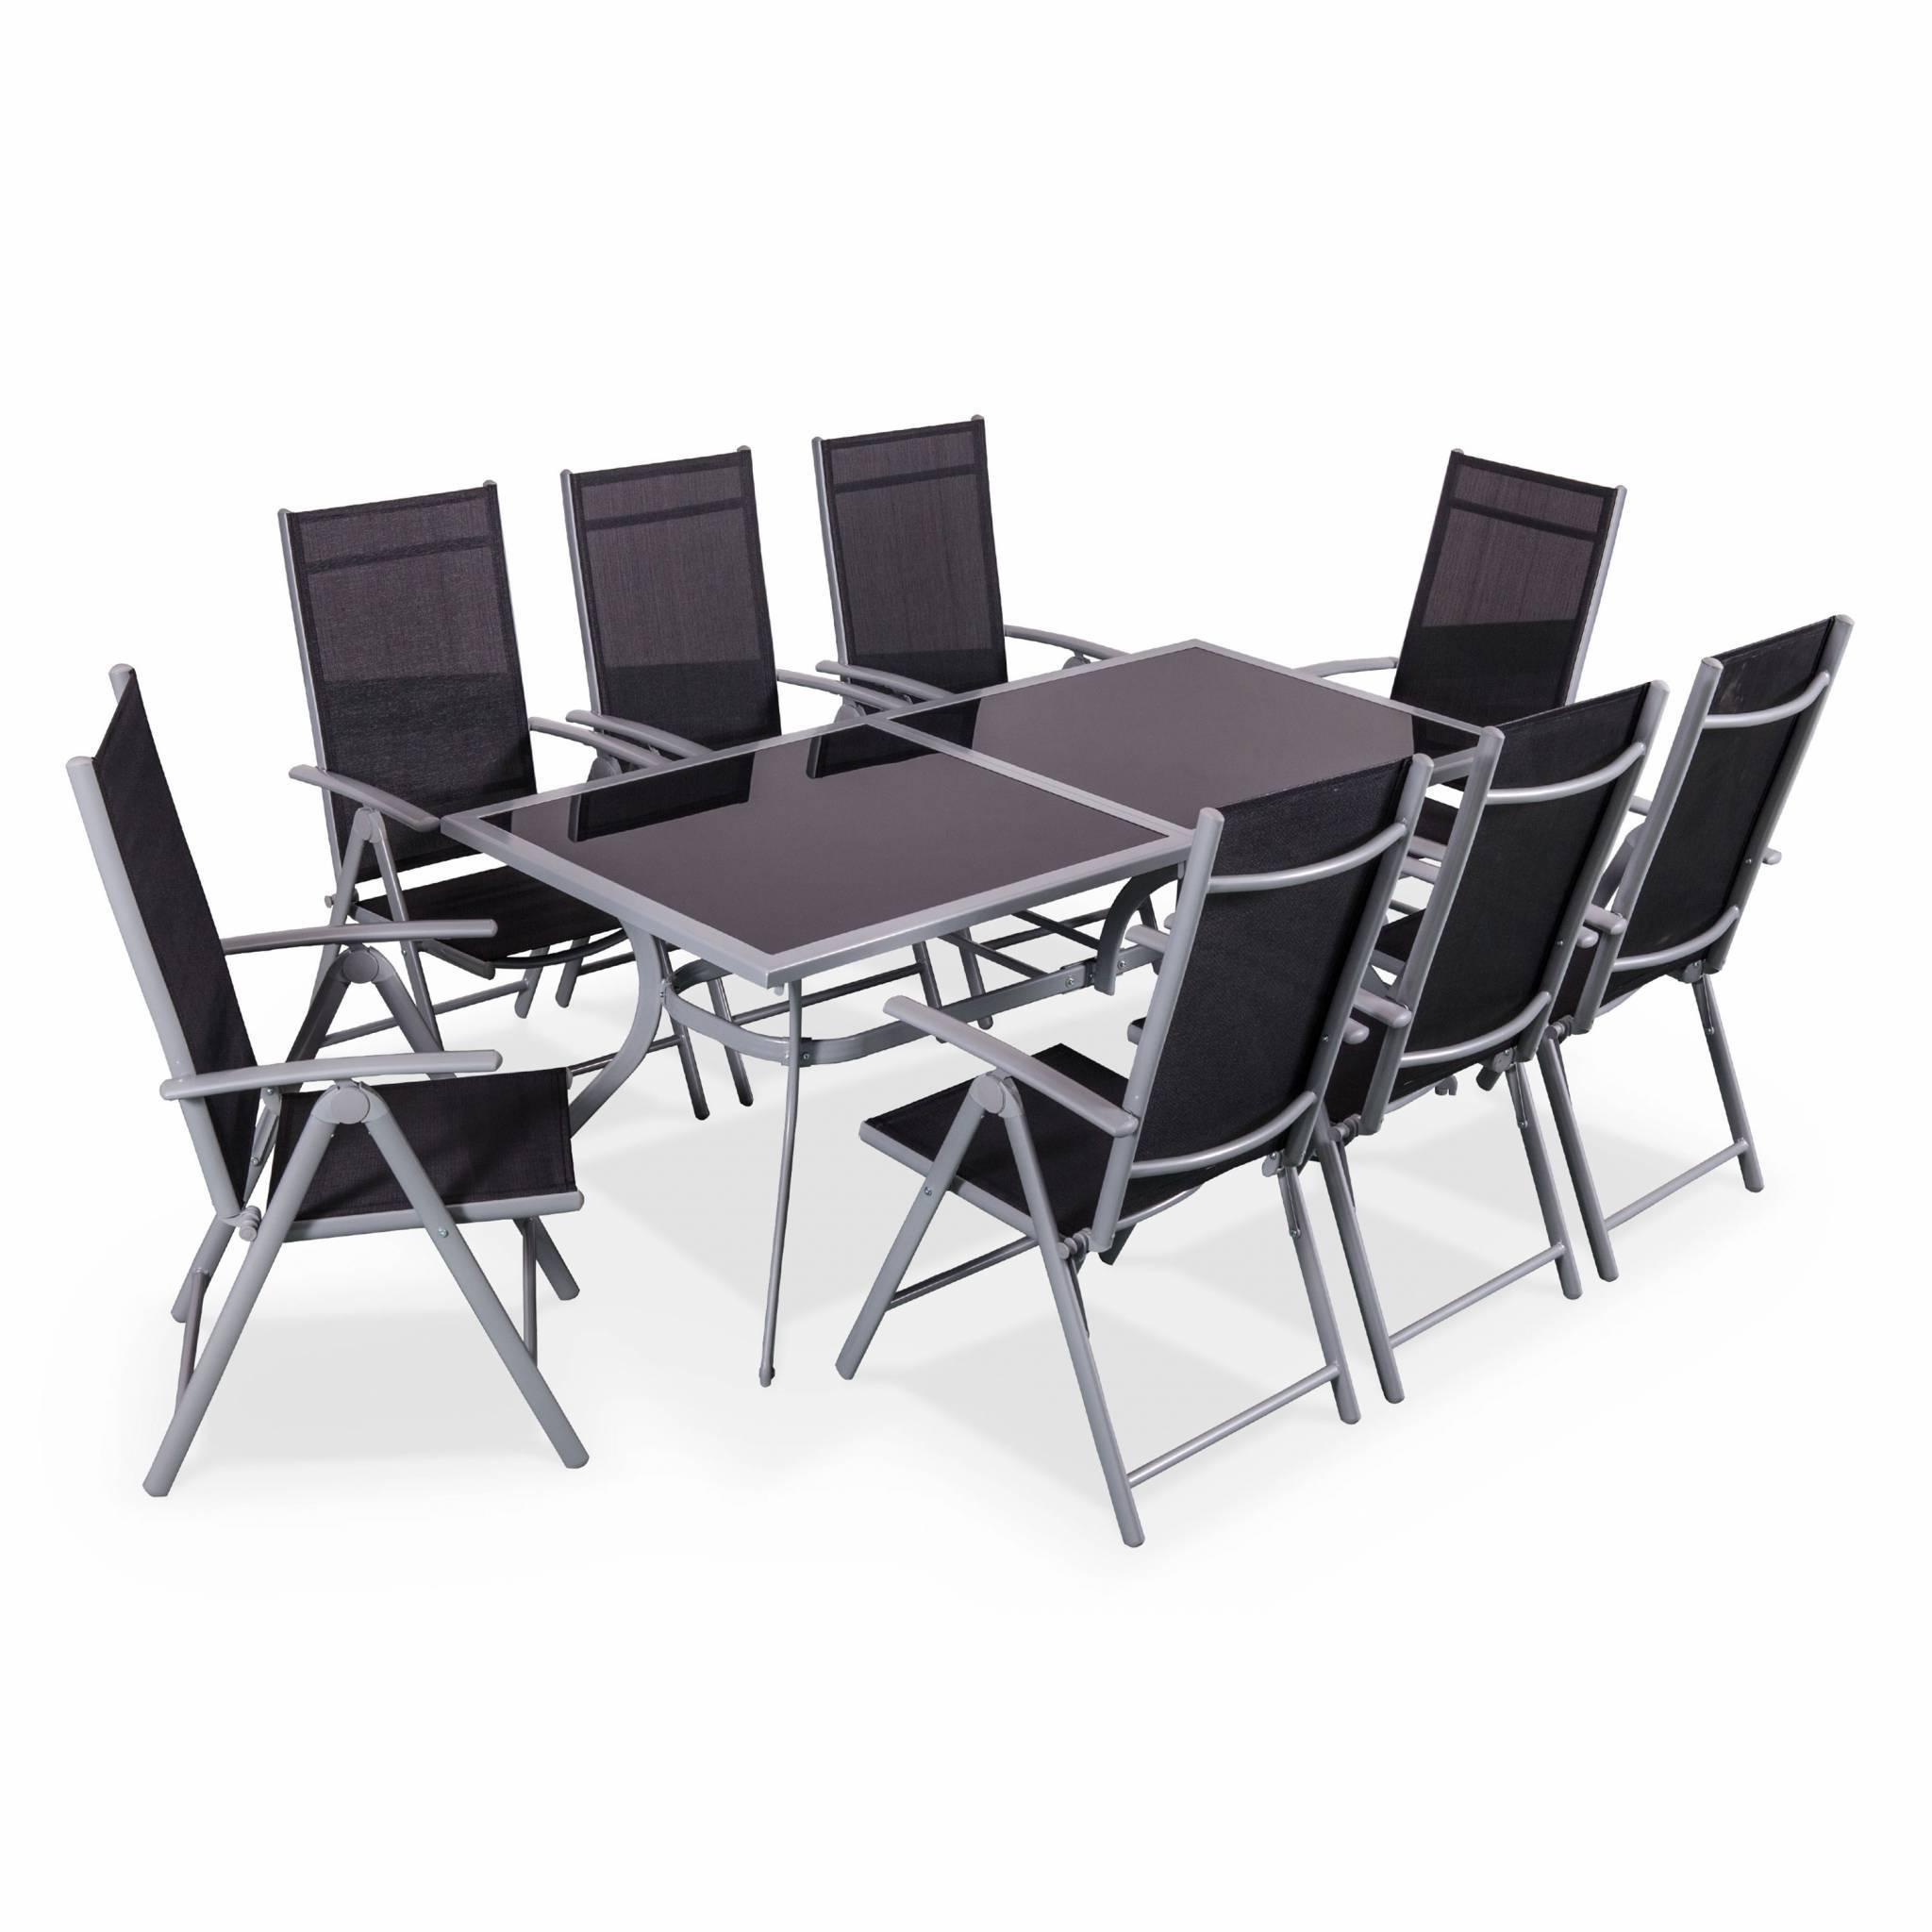 Naevia Gris / Noir - Salon de jardin en aluminium table 8 places gris textilène fauteuil